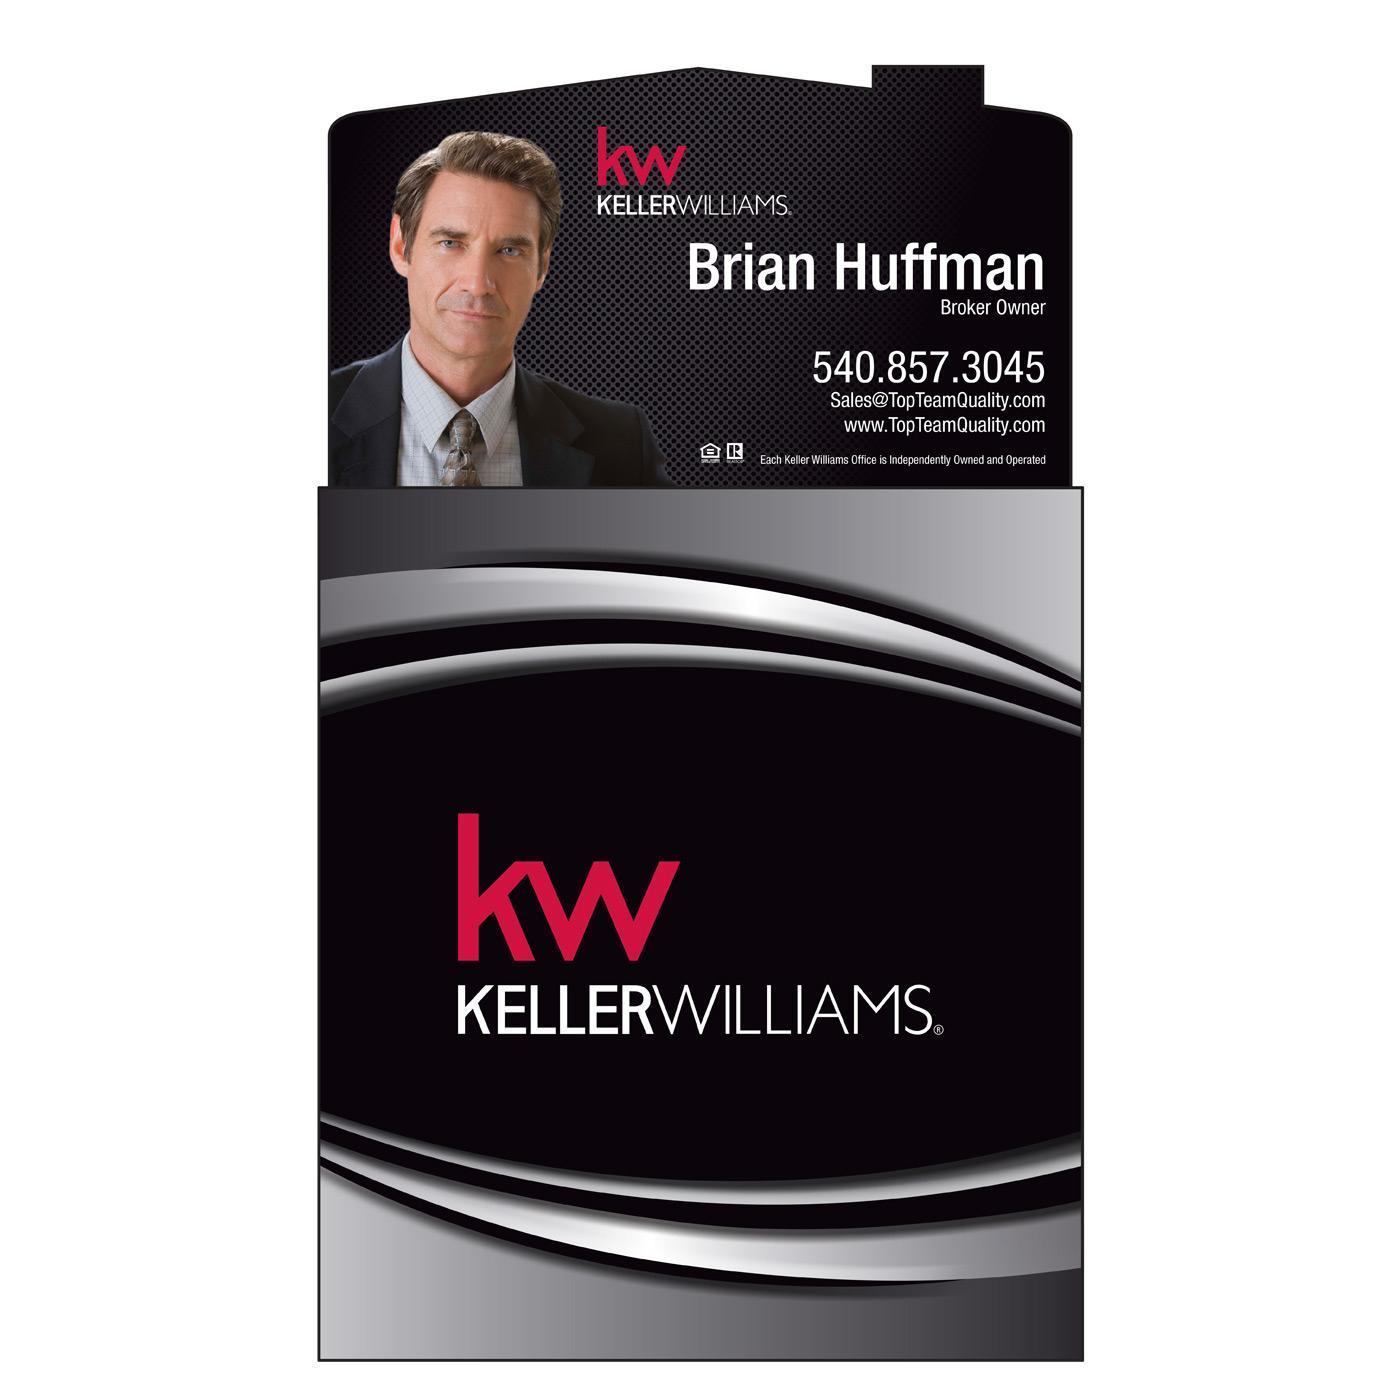 Calendar Magnet for Keller Williams